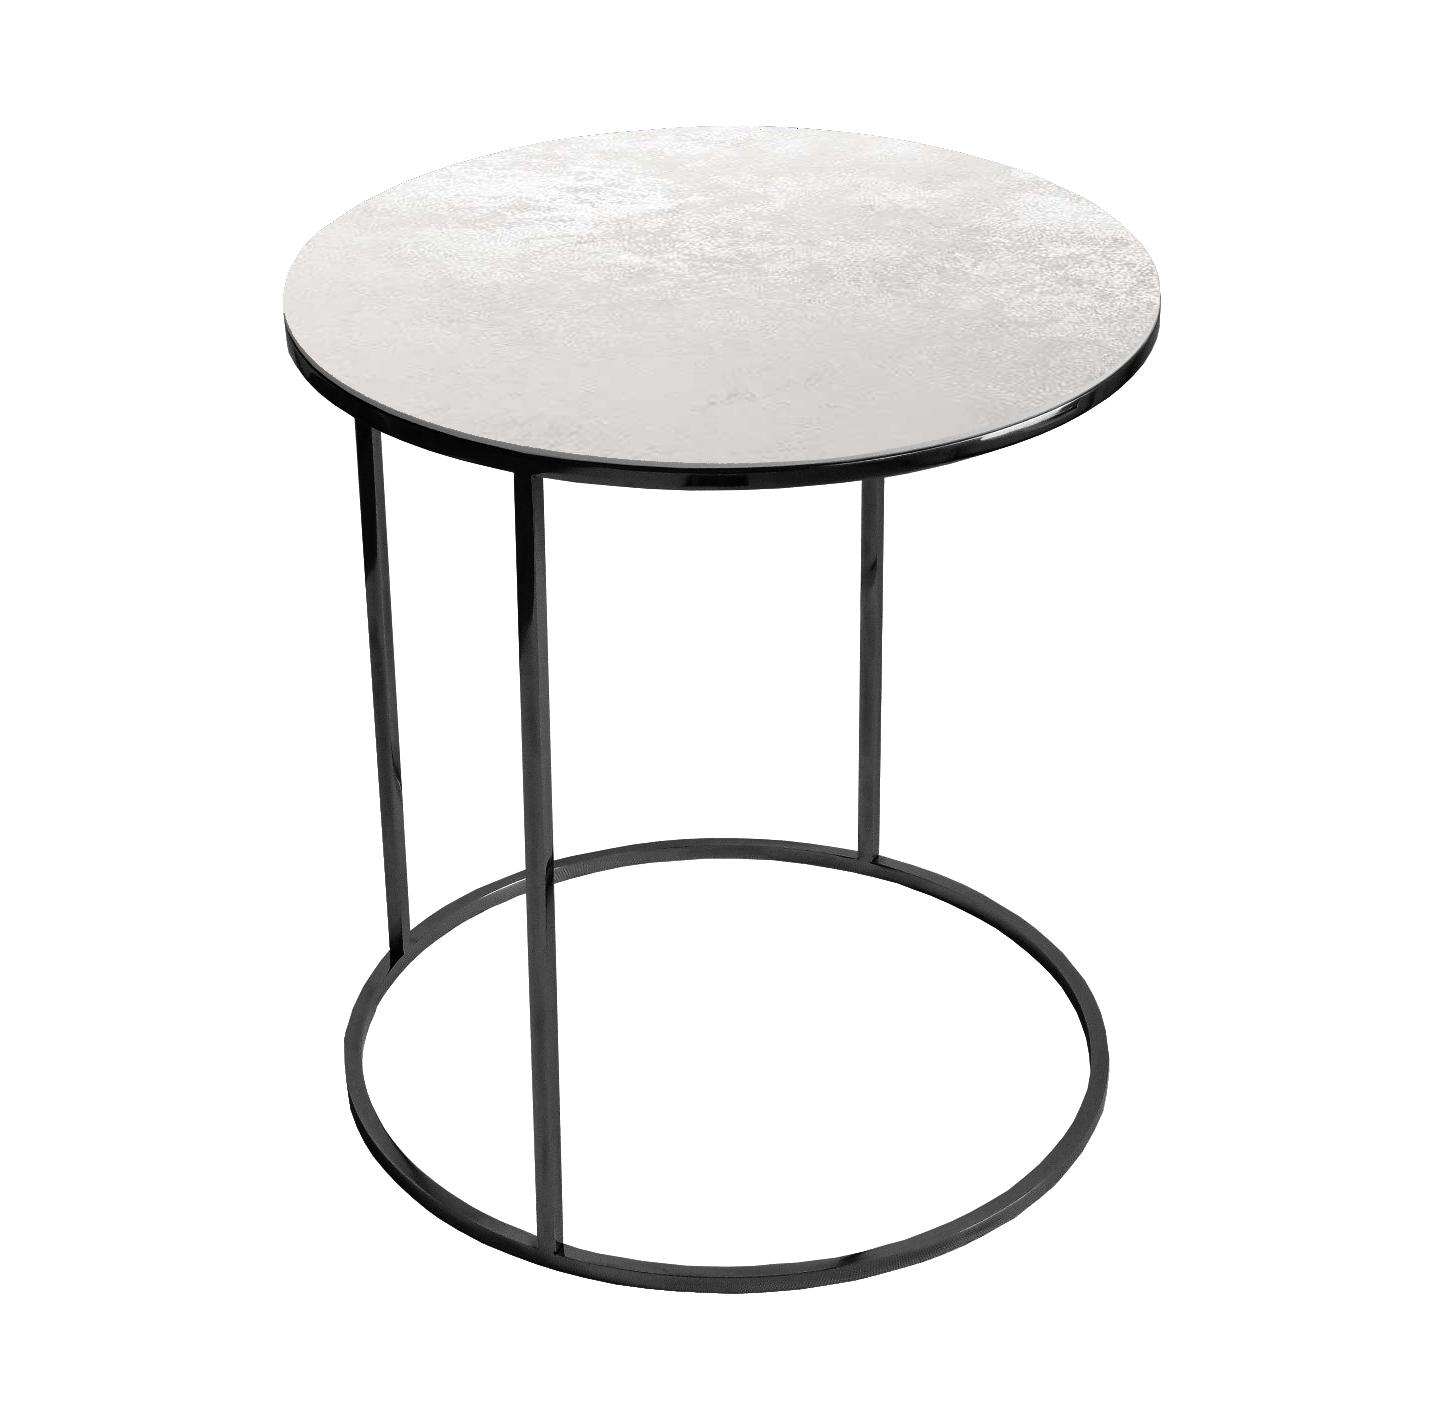 Stolik kawowy okrągły nadstawka REA furniture GAVI – blat Laminam oxide bianco – wymiary FI 50 x W 53 cm